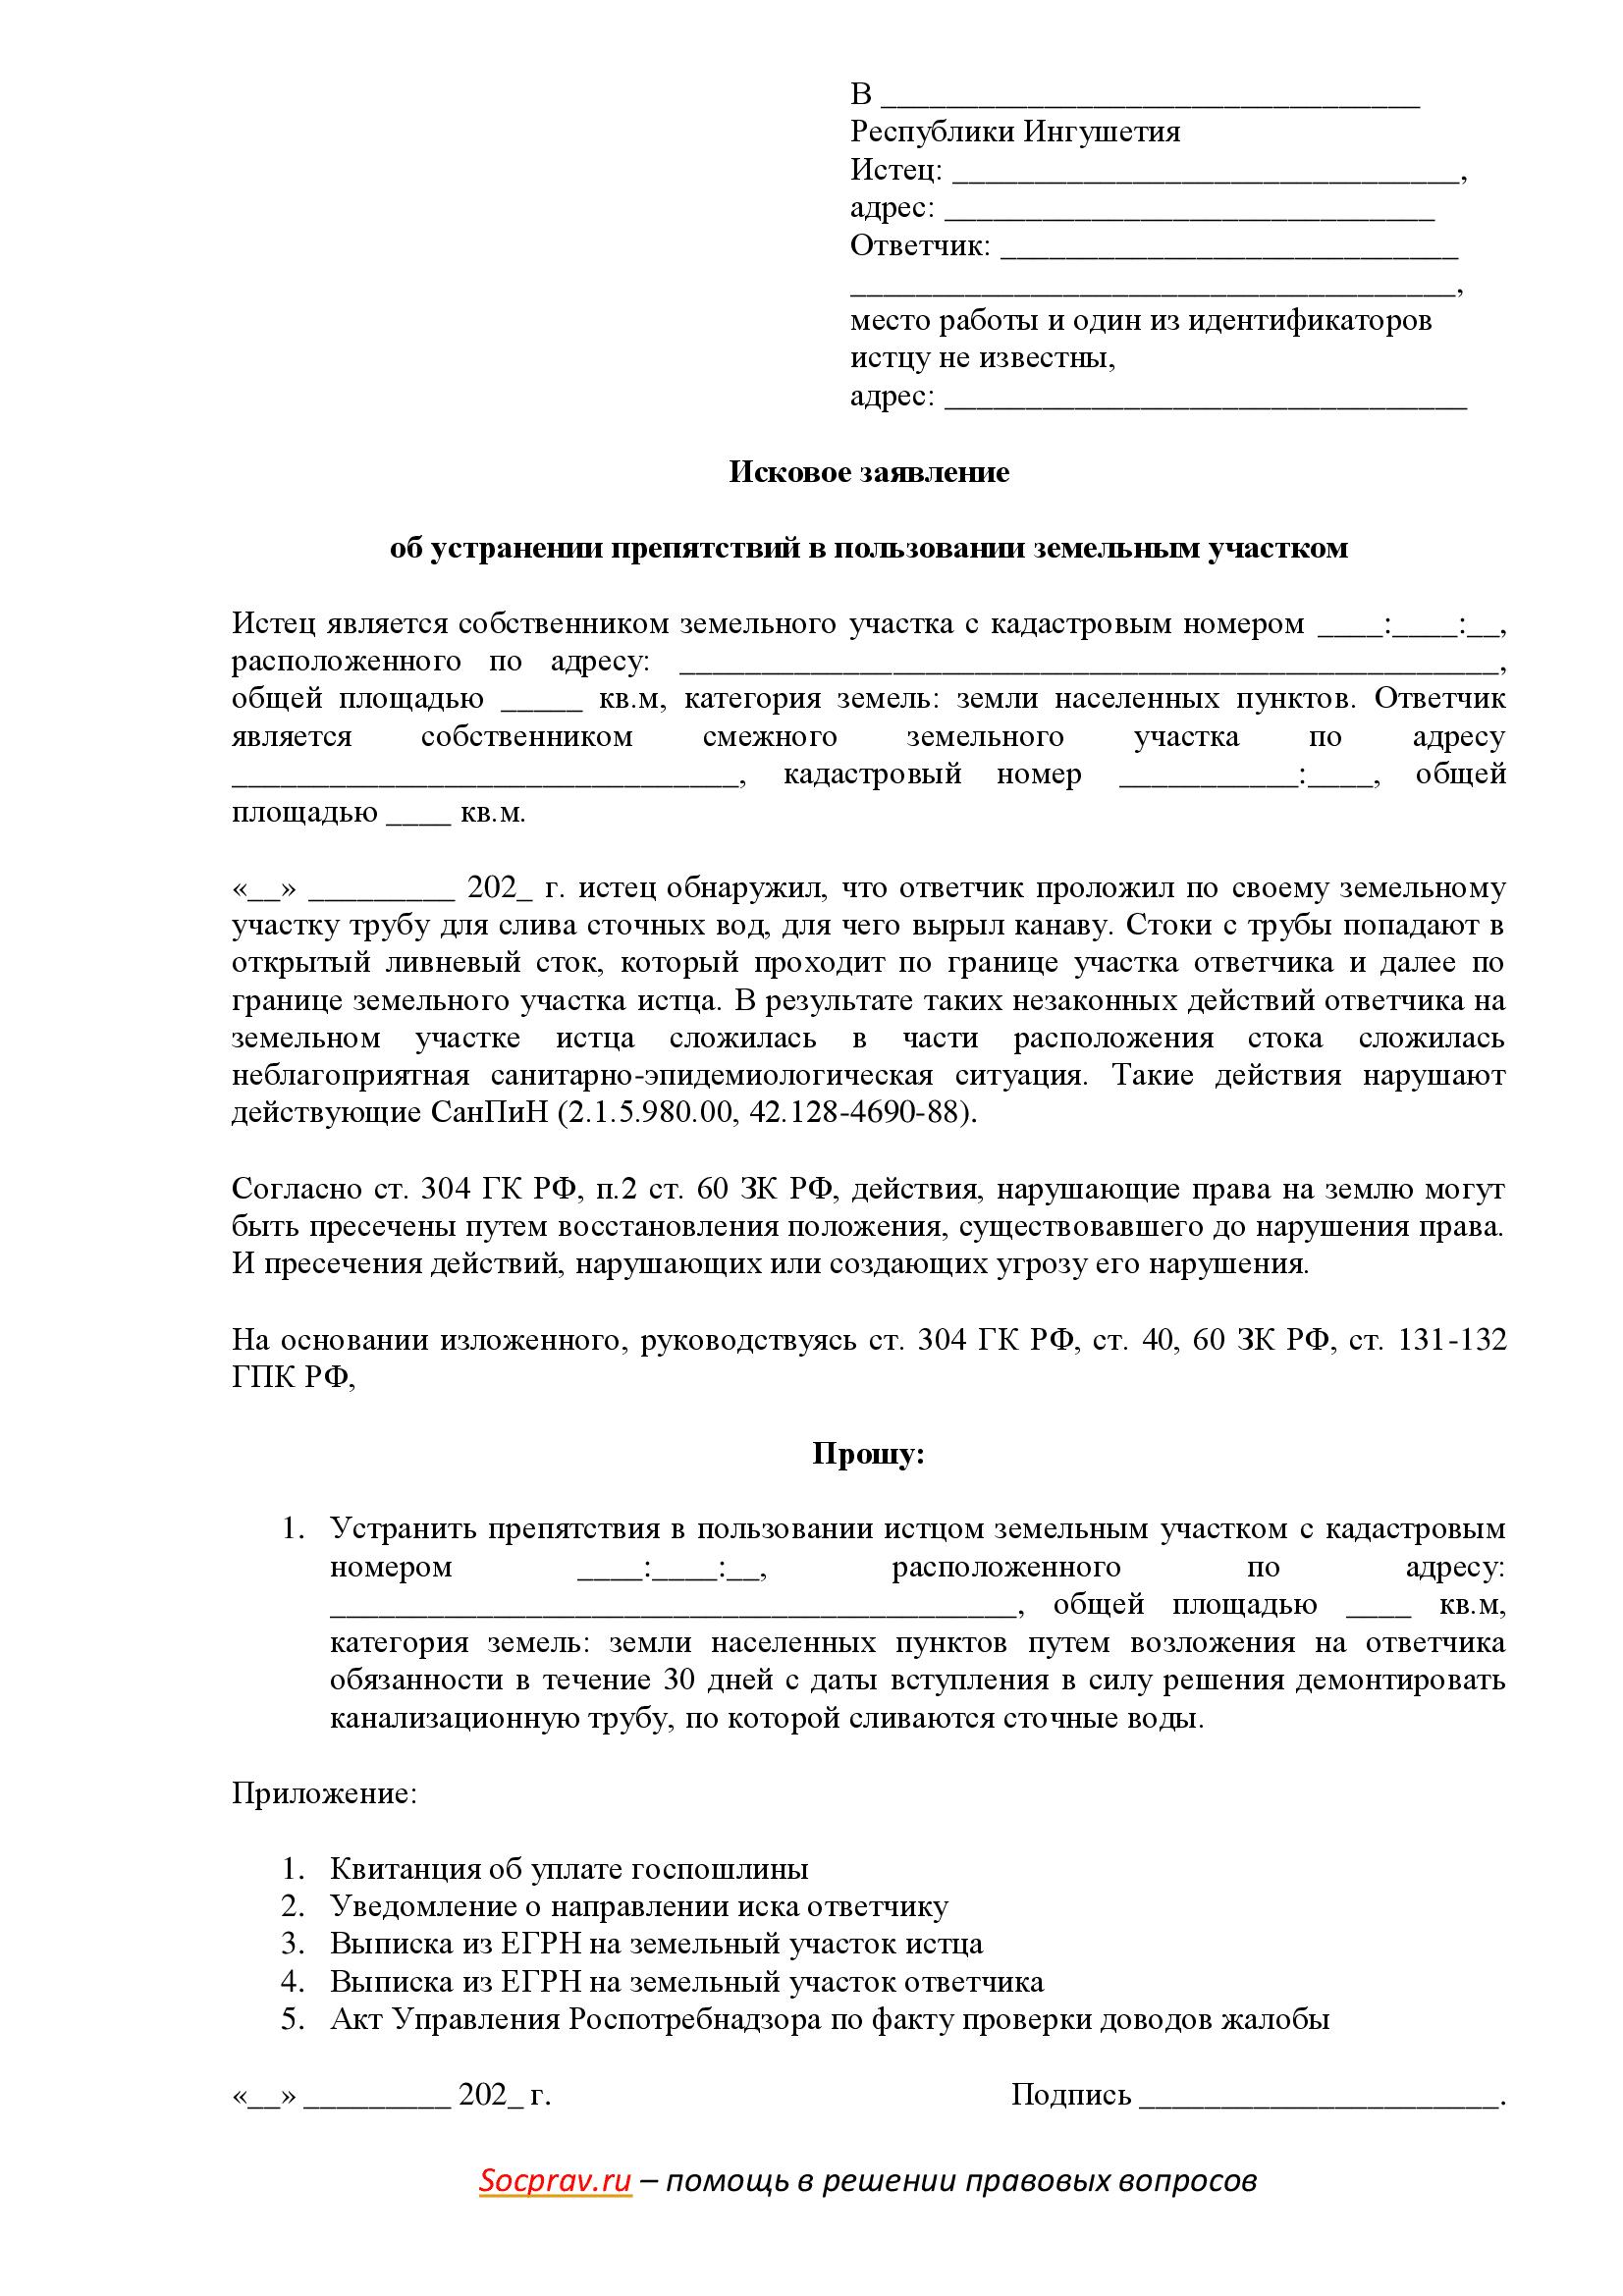 Исковое заявление об устранении препятствий в пользовании земельным участком (образец)